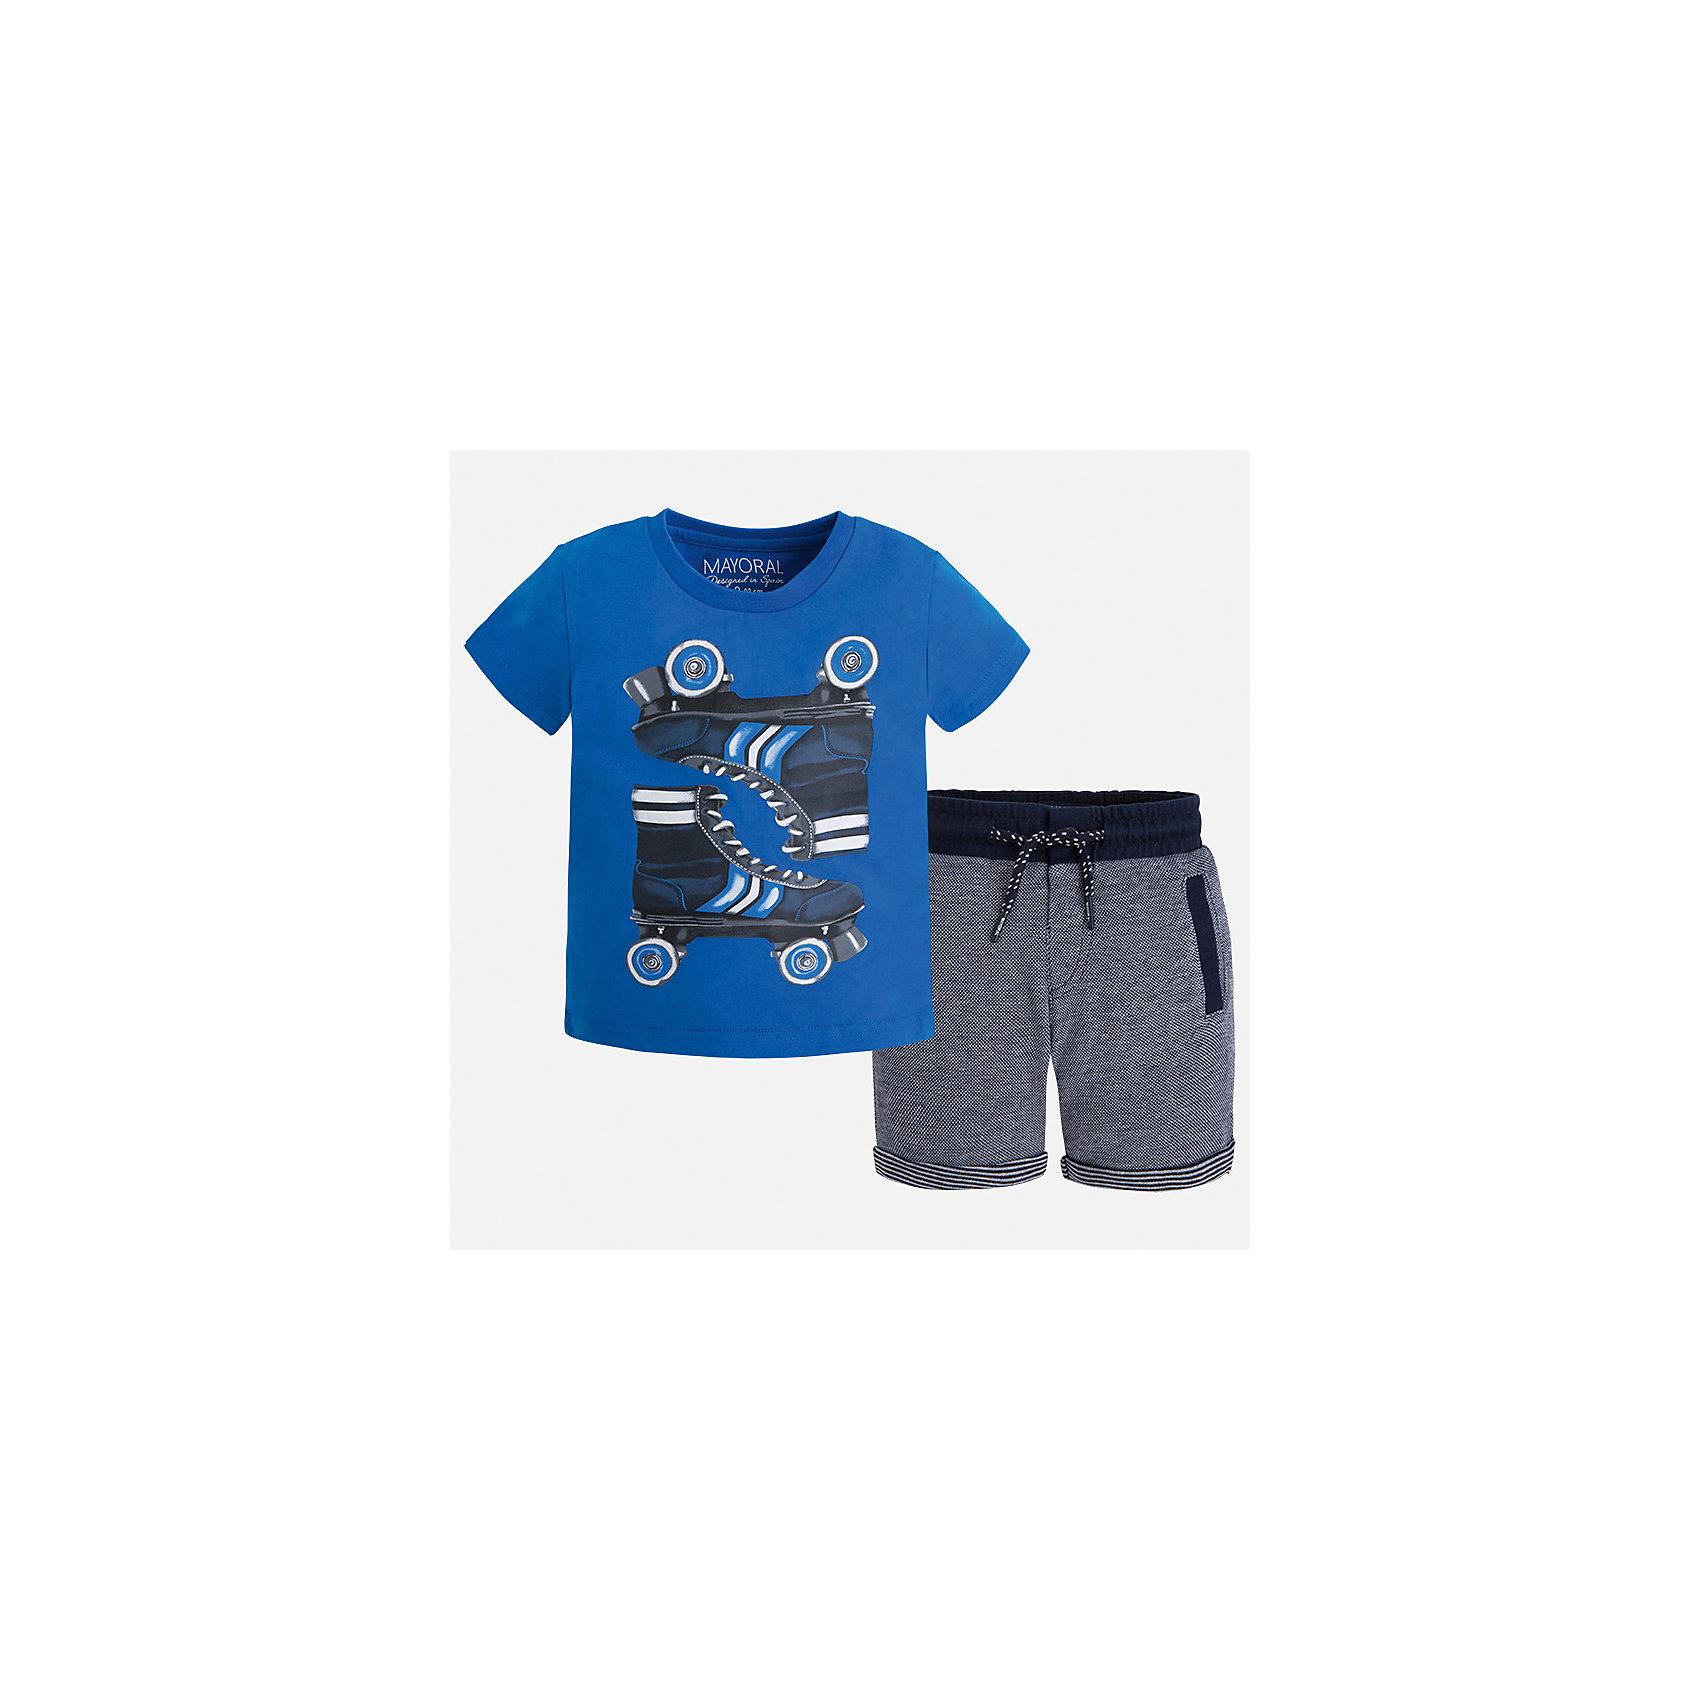 Комплект: футболка и шорты для мальчика MayoralСпортивная форма<br>Характеристики товара:<br><br>• цвет: голубой/синий<br>• состав: футболка - 100% хлопок, шорты: 56% хлопок, 44% полиэстер<br>• комплектация: шорты, футболка<br>• круглый горловой вырез<br>• декорирована принтом<br>• короткие рукава<br>• шорты - пояс со шнурком<br>• страна бренда: Испания<br><br>Стильная удобная футболка с принтом и шорты помогут разнообразить гардероб мальчика и удобно одеться. Универсальный цвет позволяет подобрать к вещам верхнюю одежду практически любой расцветки. Интересная отделка модели делает её нарядной и оригинальной. В составе материала - только натуральный хлопок, гипоаллергенный, приятный на ощупь, дышащий.<br><br>Одежда, обувь и аксессуары от испанского бренда Mayoral полюбились детям и взрослым по всему миру. Модели этой марки - стильные и удобные. Для их производства используются только безопасные, качественные материалы и фурнитура. Порадуйте ребенка модными и красивыми вещами от Mayoral! <br><br>Комплект для мальчика от испанского бренда Mayoral (Майорал) можно купить в нашем интернет-магазине.<br><br>Ширина мм: 191<br>Глубина мм: 10<br>Высота мм: 175<br>Вес г: 273<br>Цвет: синий<br>Возраст от месяцев: 18<br>Возраст до месяцев: 24<br>Пол: Мужской<br>Возраст: Детский<br>Размер: 92,134,128,116,110,104,122,98<br>SKU: 5280946